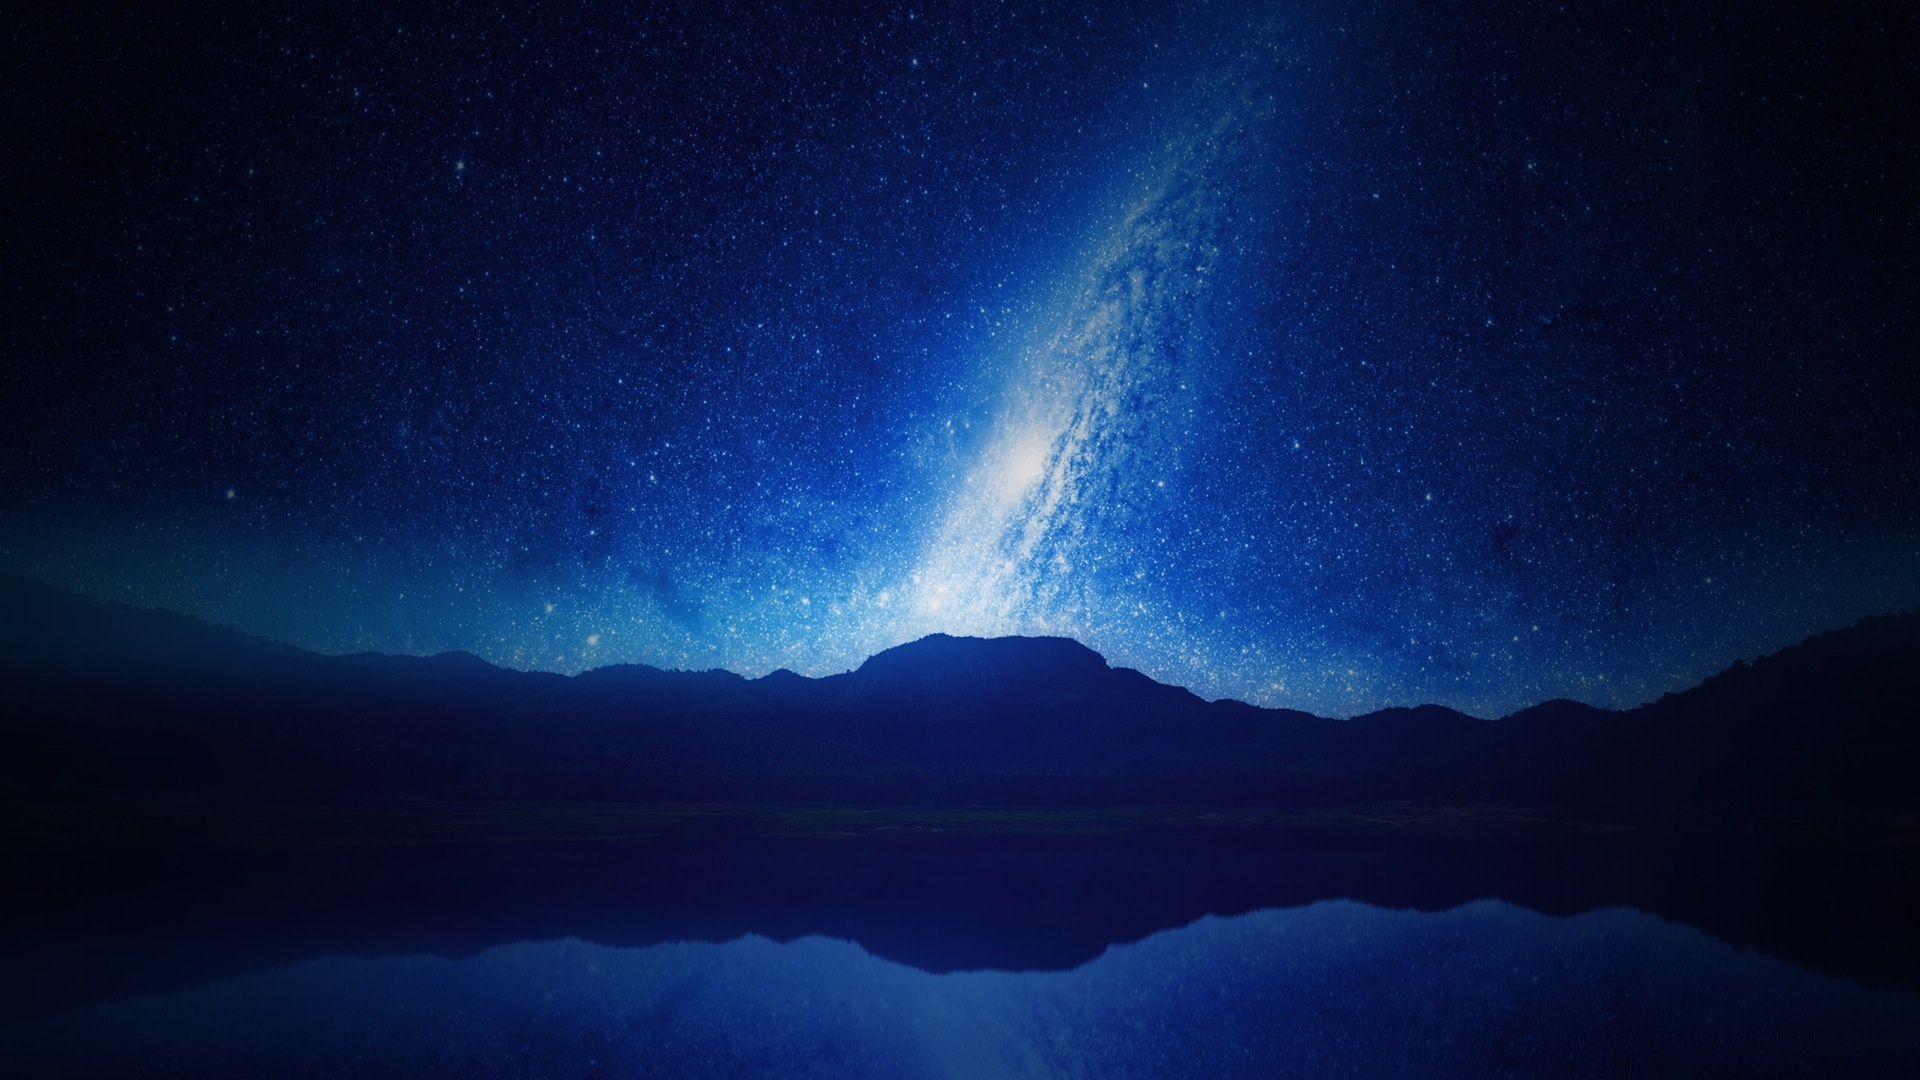 Ουρανός, νύχτα, Αστέρι, βουνά, στερέωμα, Γαλαξίας, γαλαξίας - Wallpapers HD - Professor-falken.com